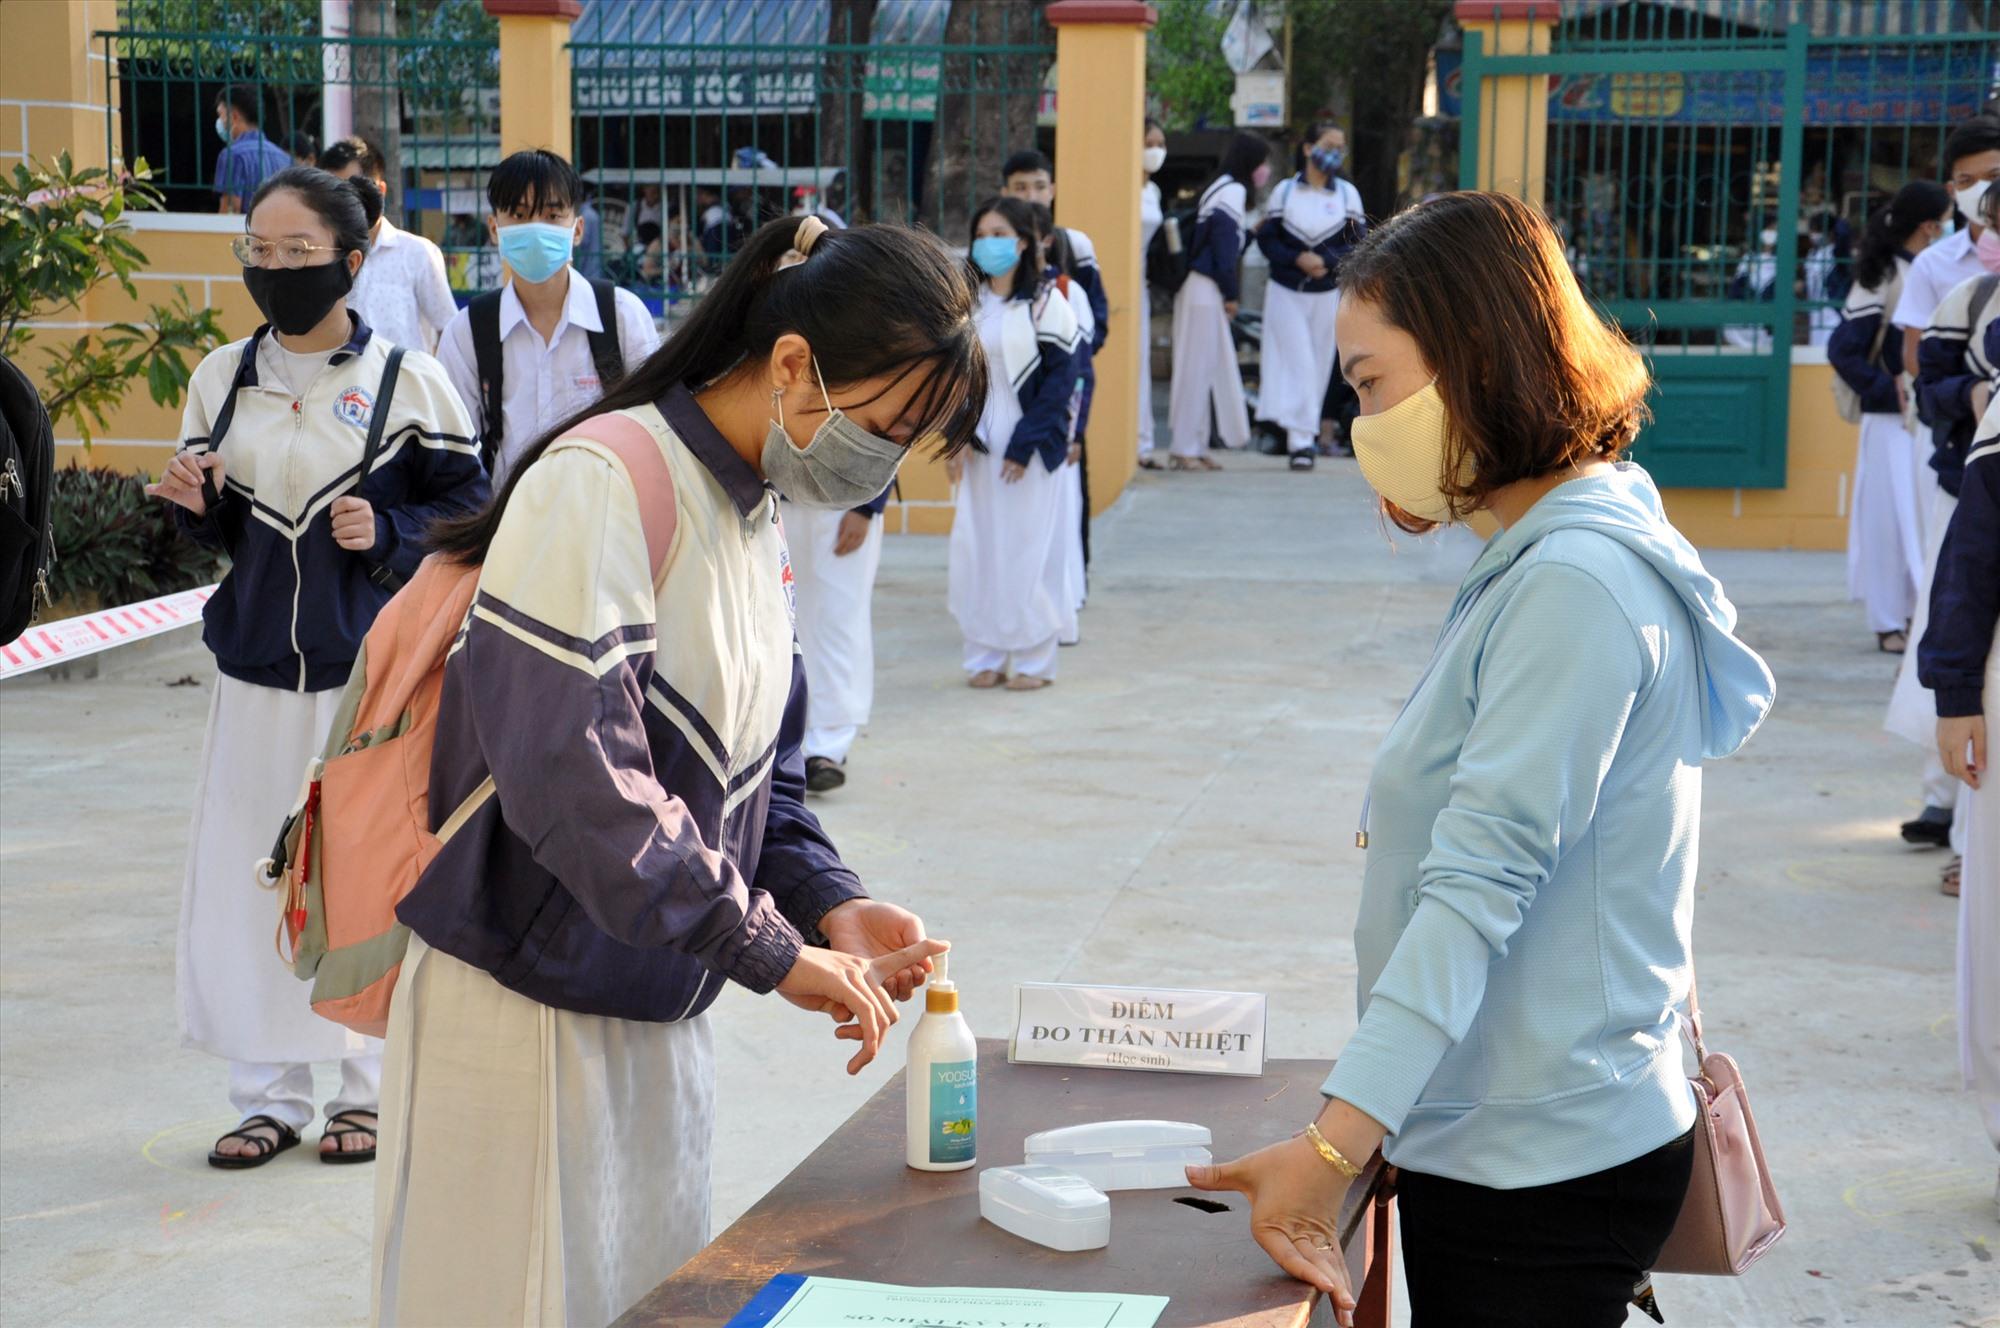 Đo thân nhiệt và sát khuẩn là nhiệm vụ bắt buộc đối với tất cả điểm thi và thí sinh. Ảnh: X.P